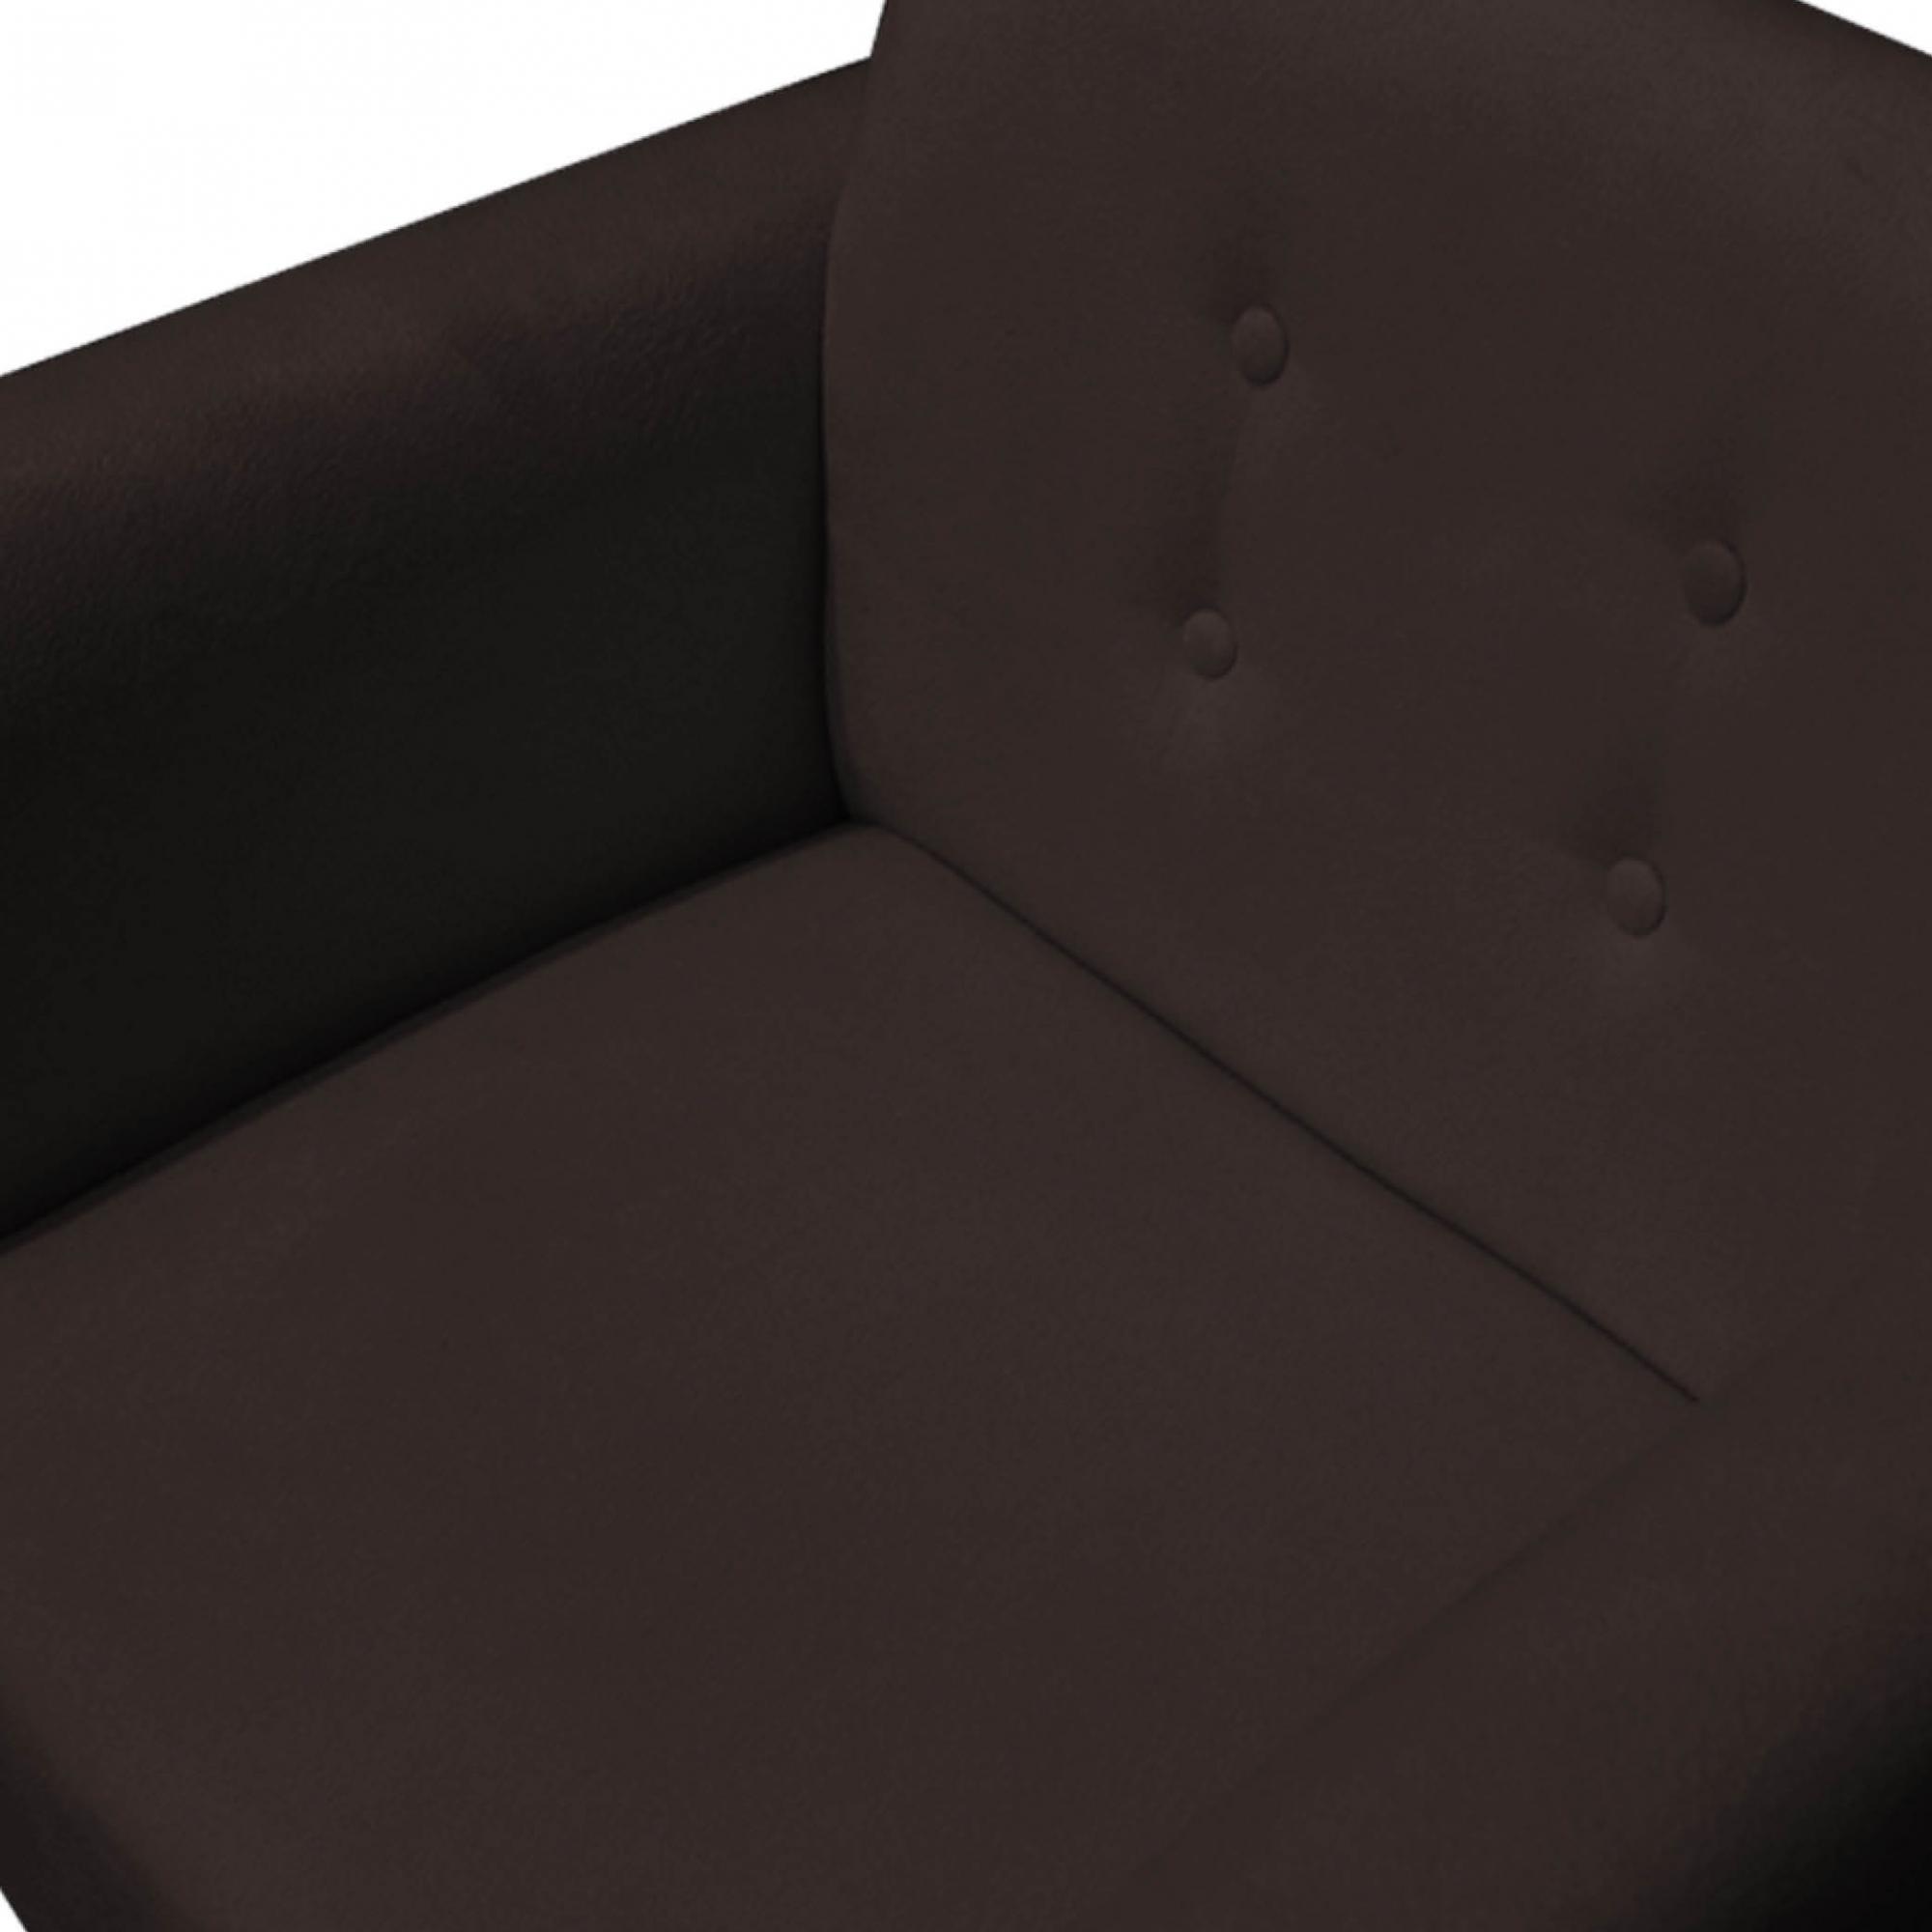 Kit 2 Poltrona Duda Decoraçâo Pé Palito Cadeira Recepção Escritório Clinica D'Classe Decor Suede Marrom